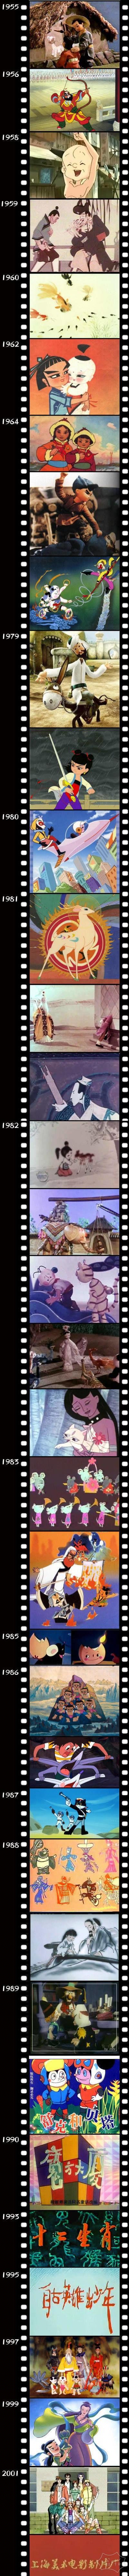 这些动画片,陪伴我们走过了童年的美好时光。